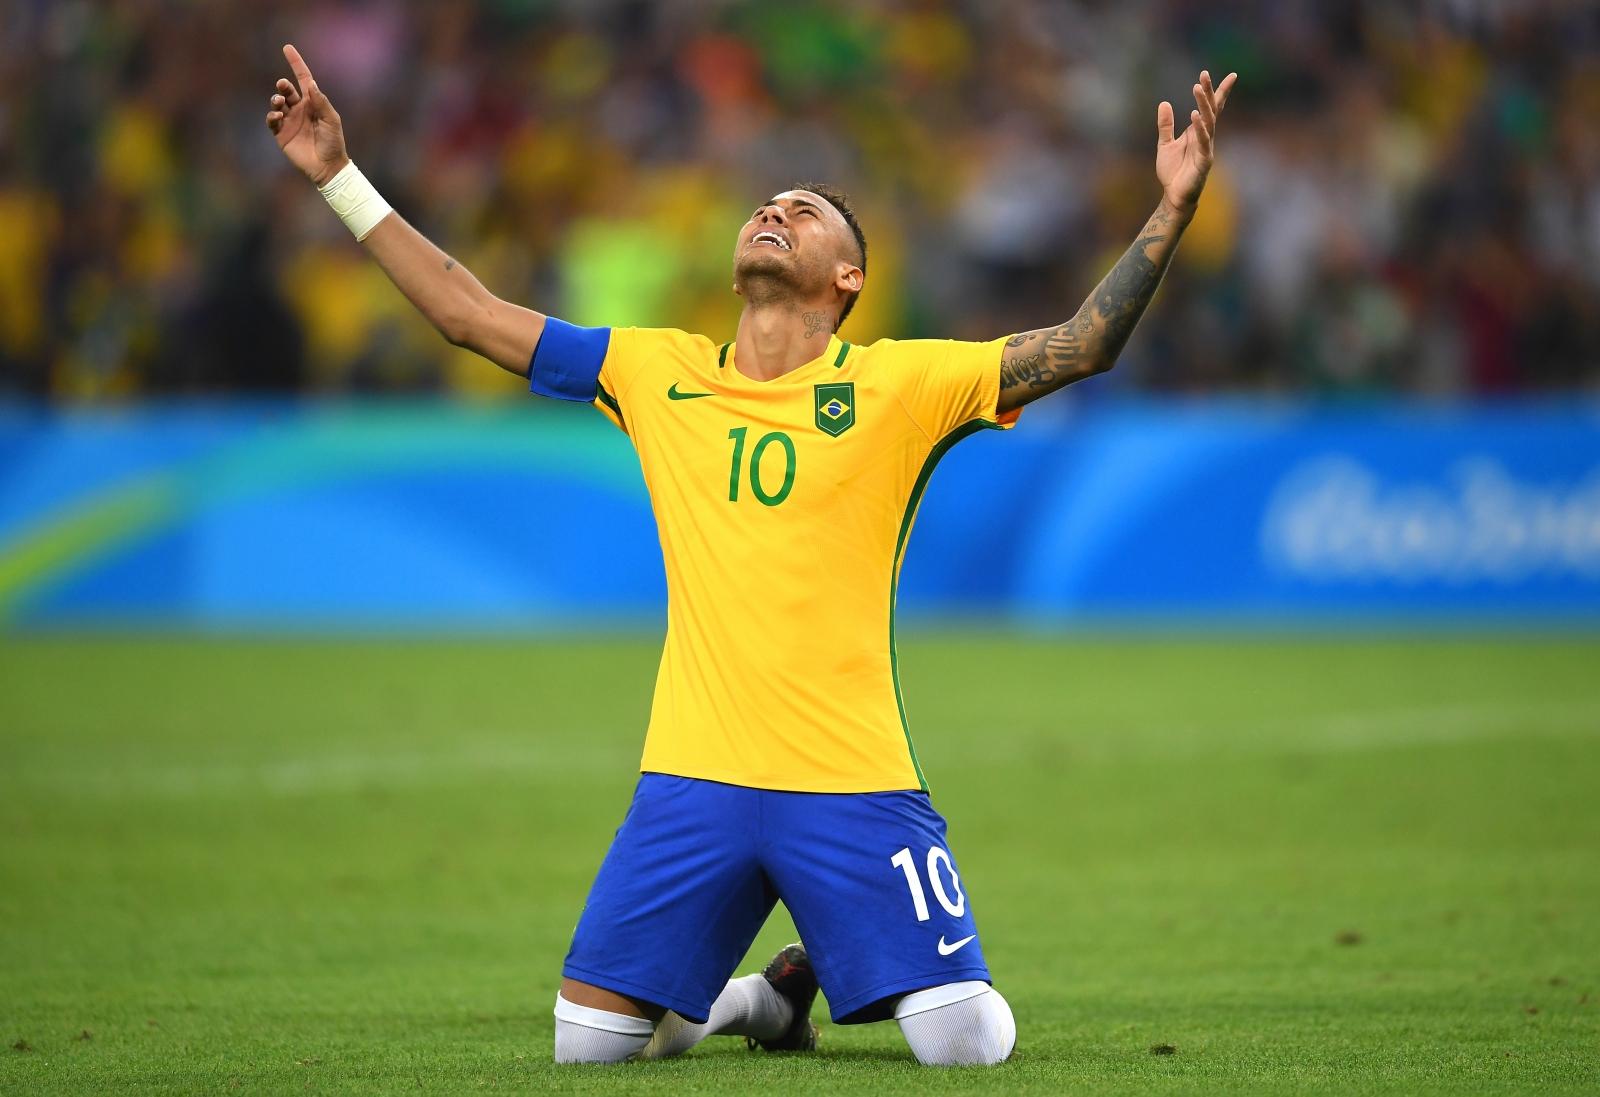 Neymar scores the winning penalty